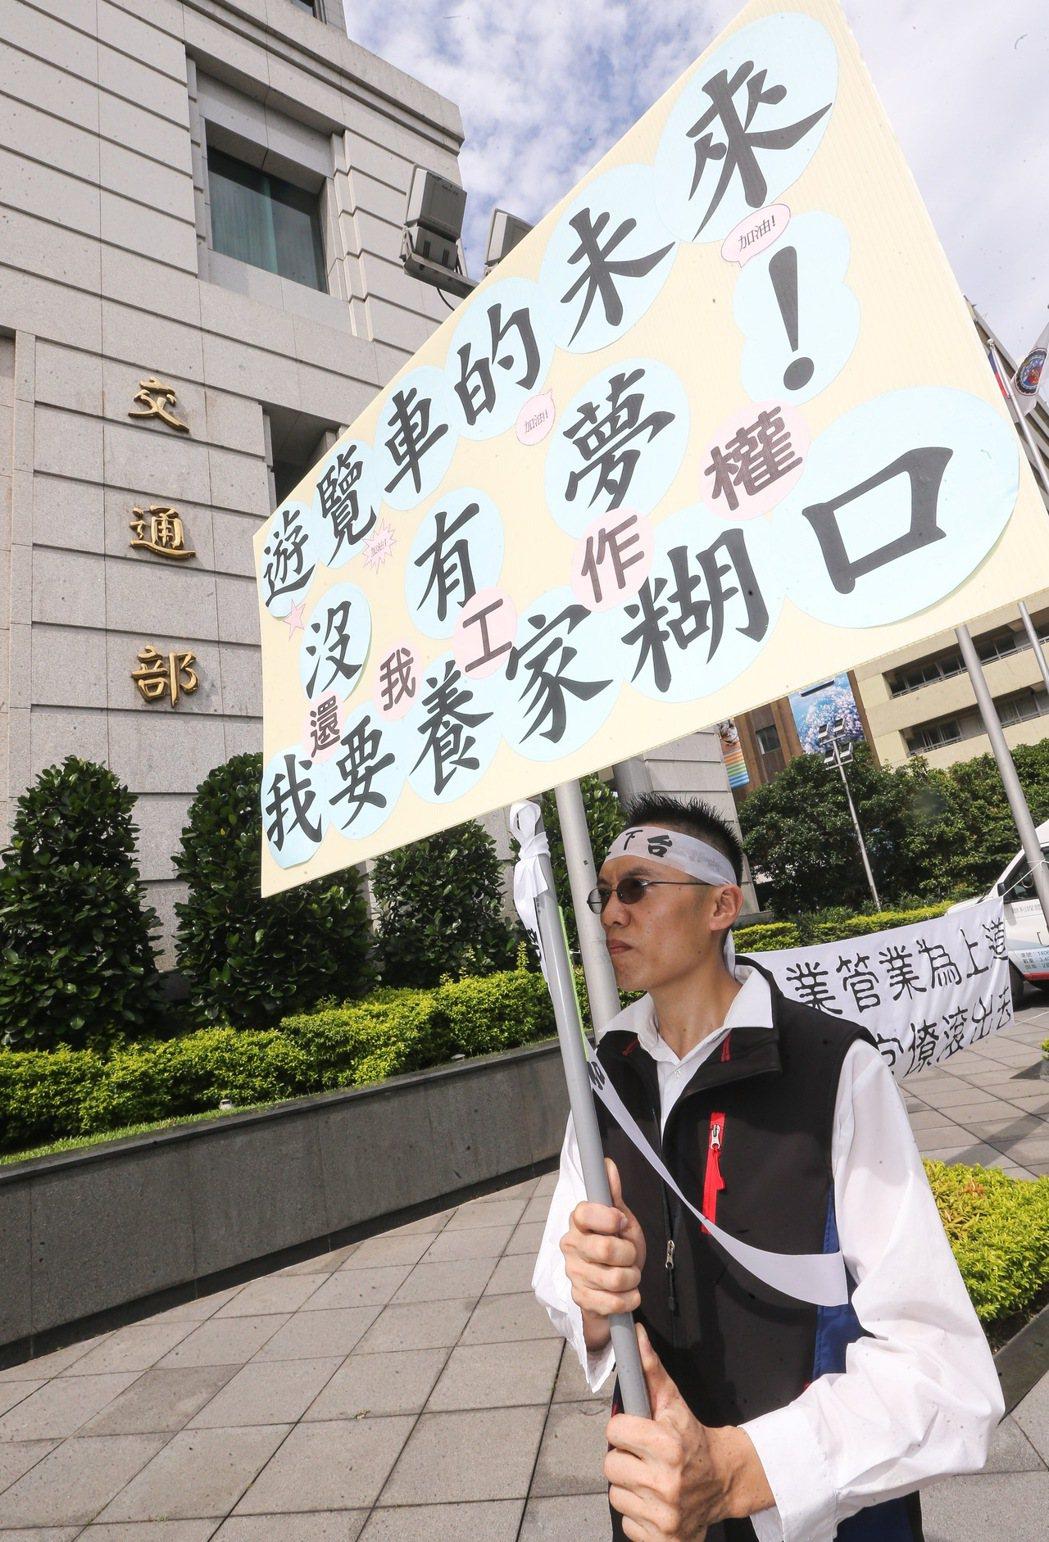 遊覽車司機在交通部前高舉標語表達訴求。記者黃威彬/攝影